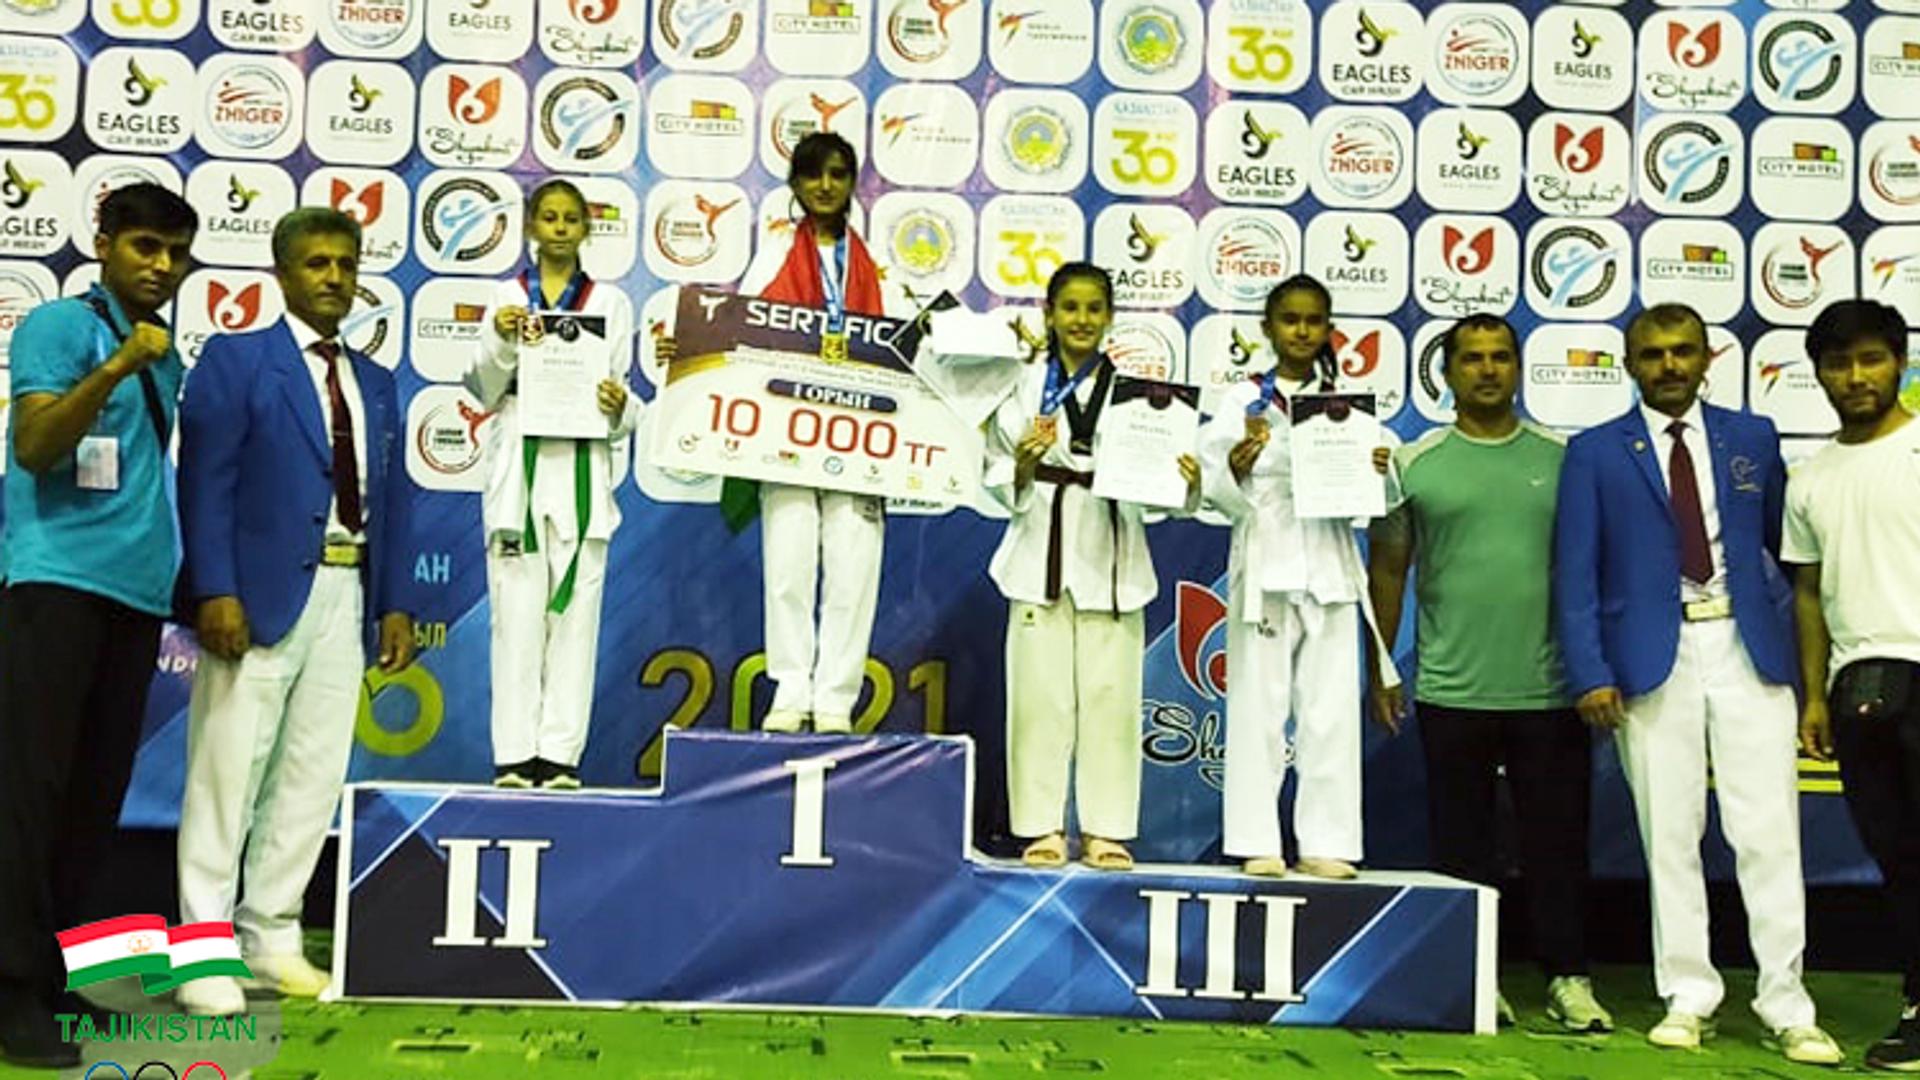 Таджикские тхэквондисты завоевали 6 медалей на турнире в Казахстане  - Sputnik Таджикистан, 1920, 11.09.2021